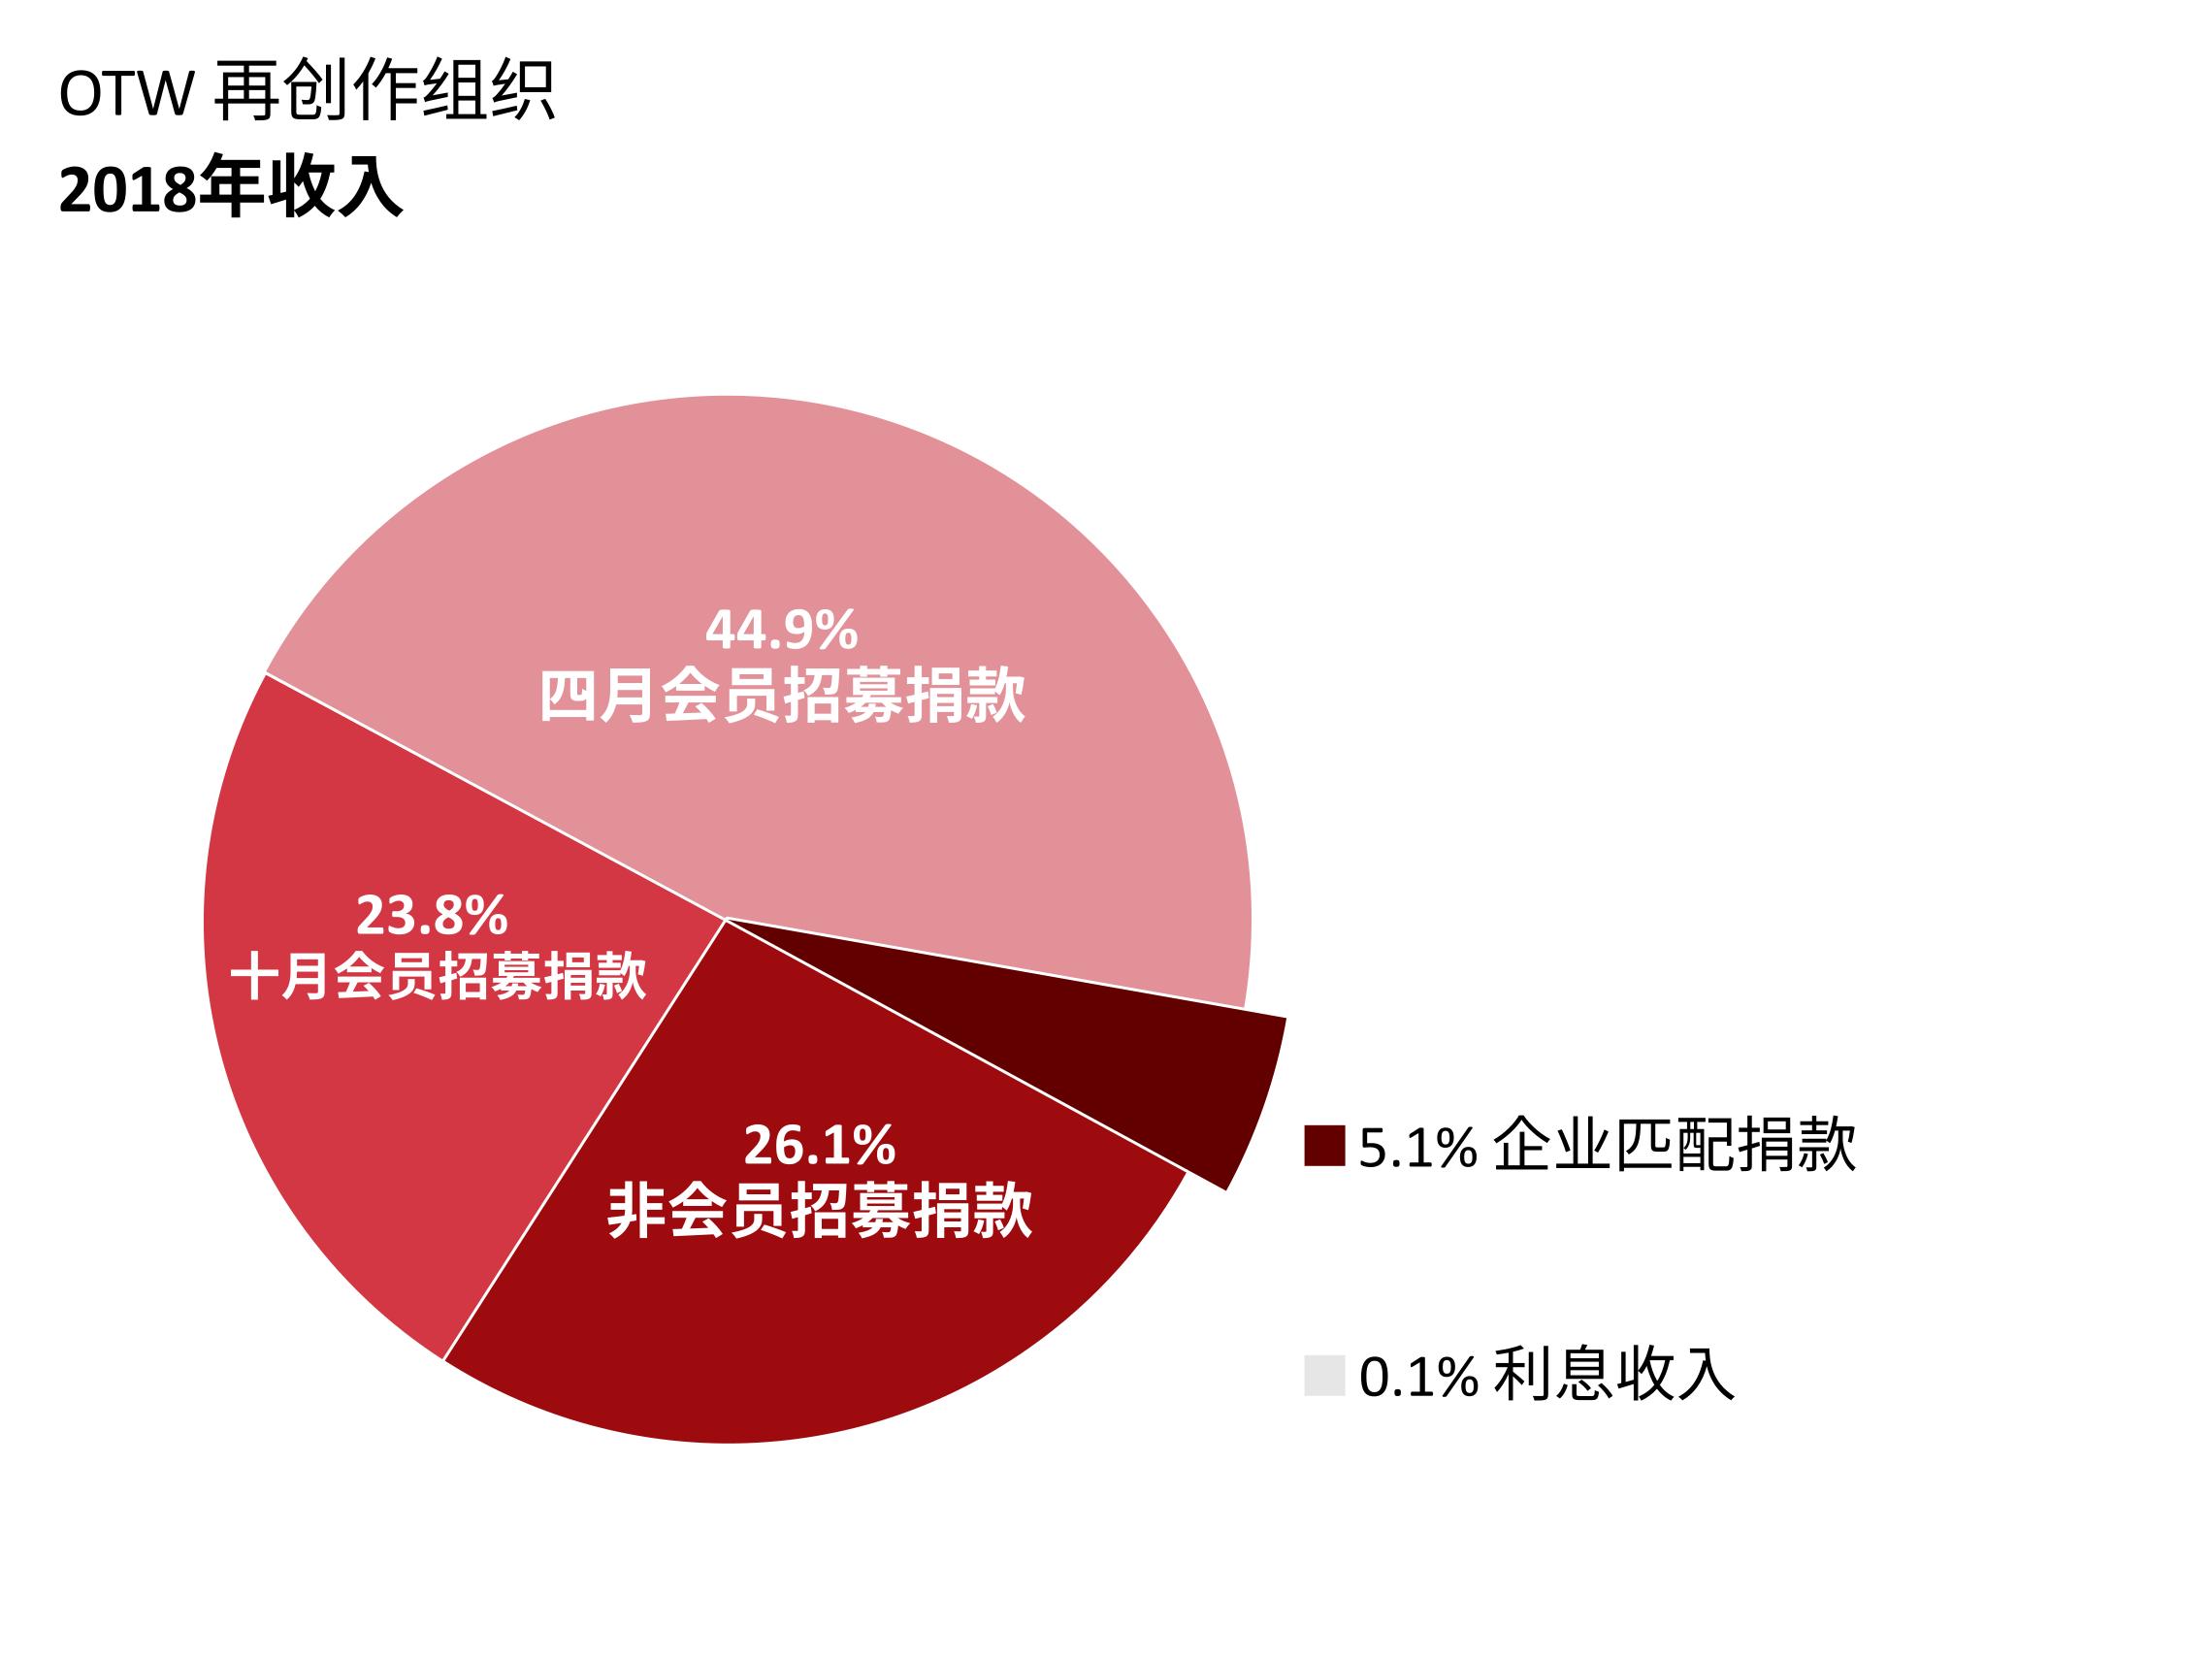 OTW收入:四月会员招募捐款:44.9%。十月会员招募捐款:23.8%。非会员招募捐款:26.1%。匹配项目捐款:5.1%。利息收入:0.1%。